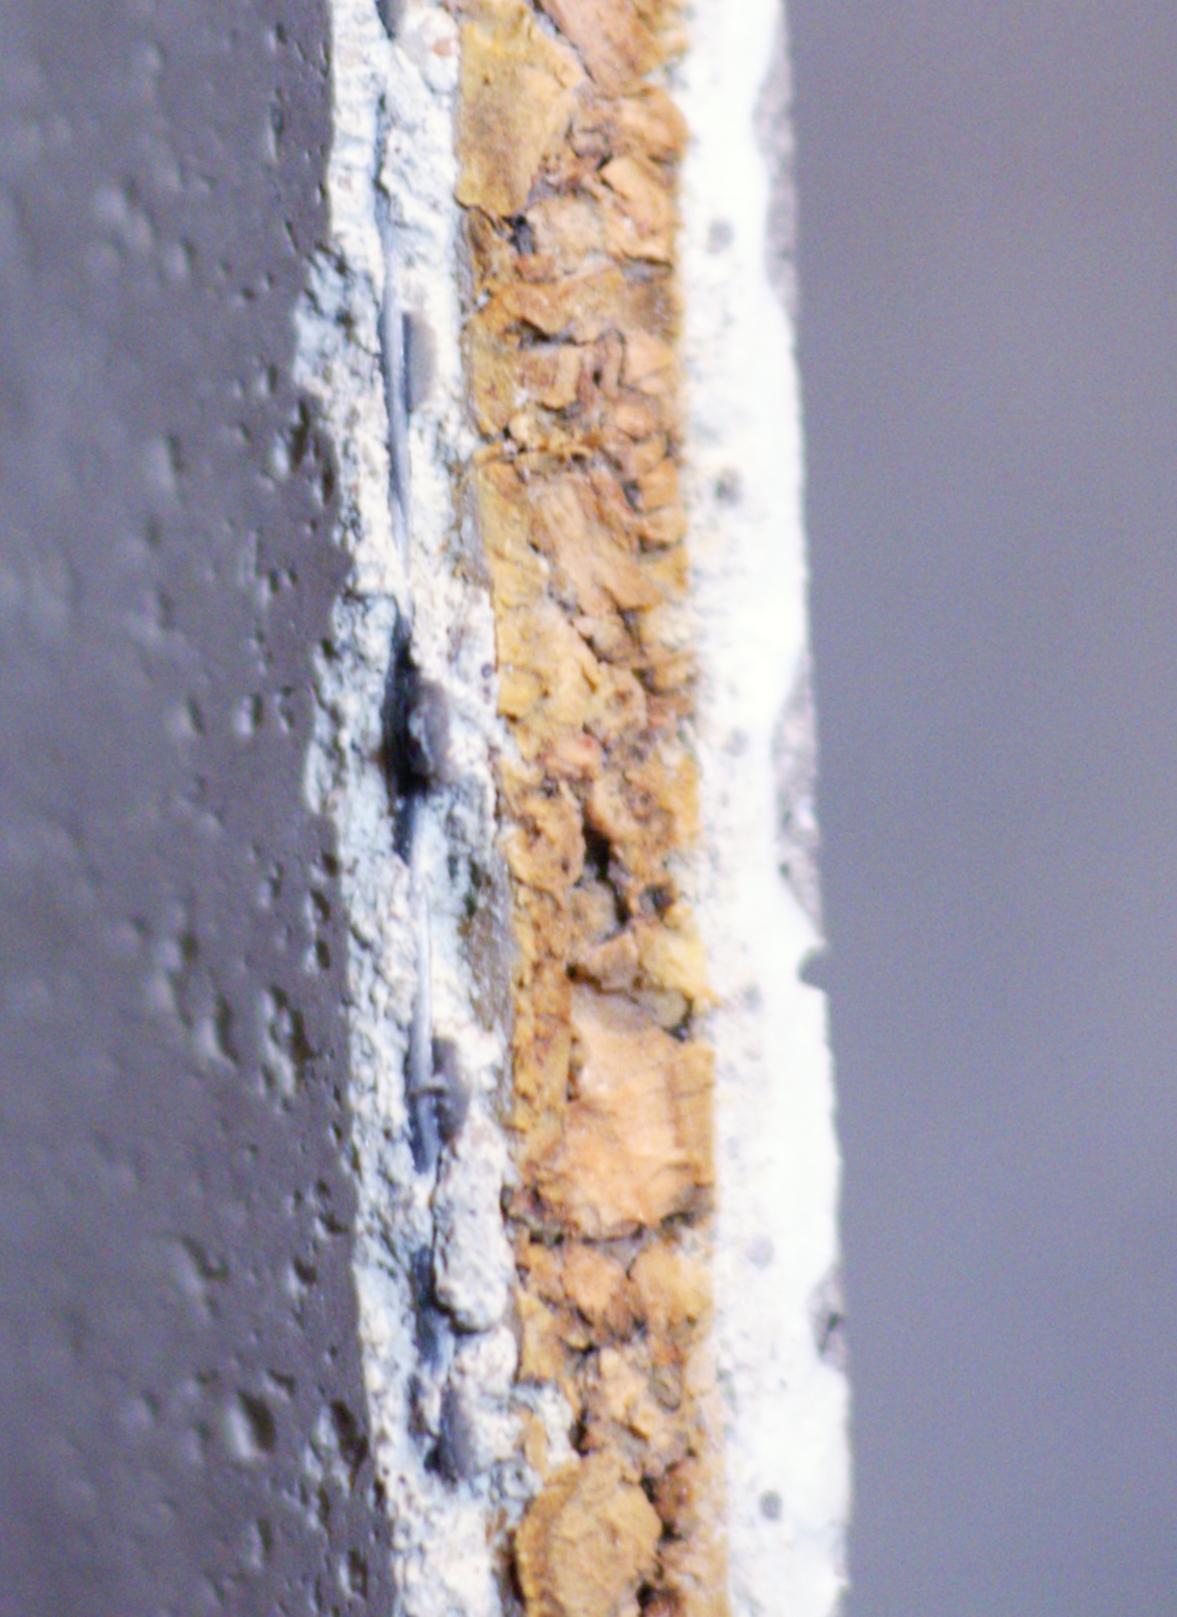 querschnitt einer kork-putz-f… | wandfliesen mit putzoberfläche und